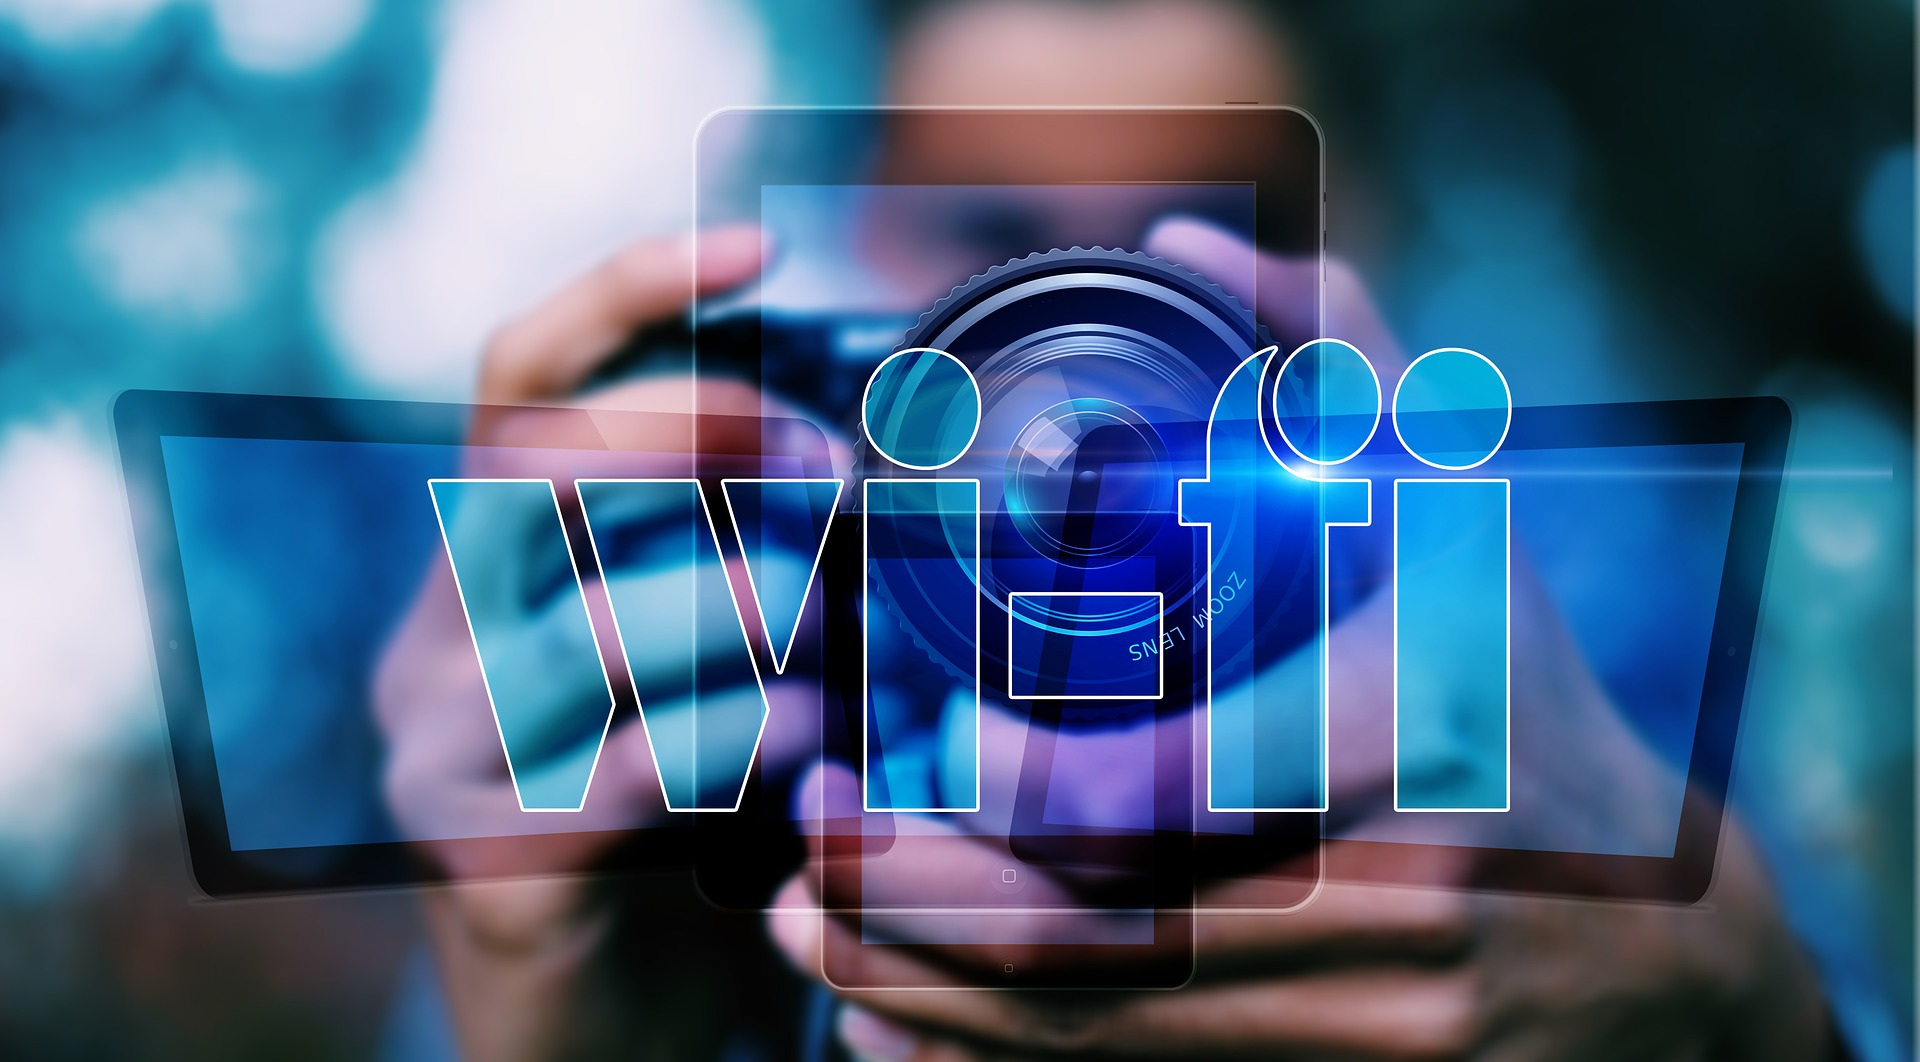 que-es-wifi,-que-significa-y-como-funciona.jpg